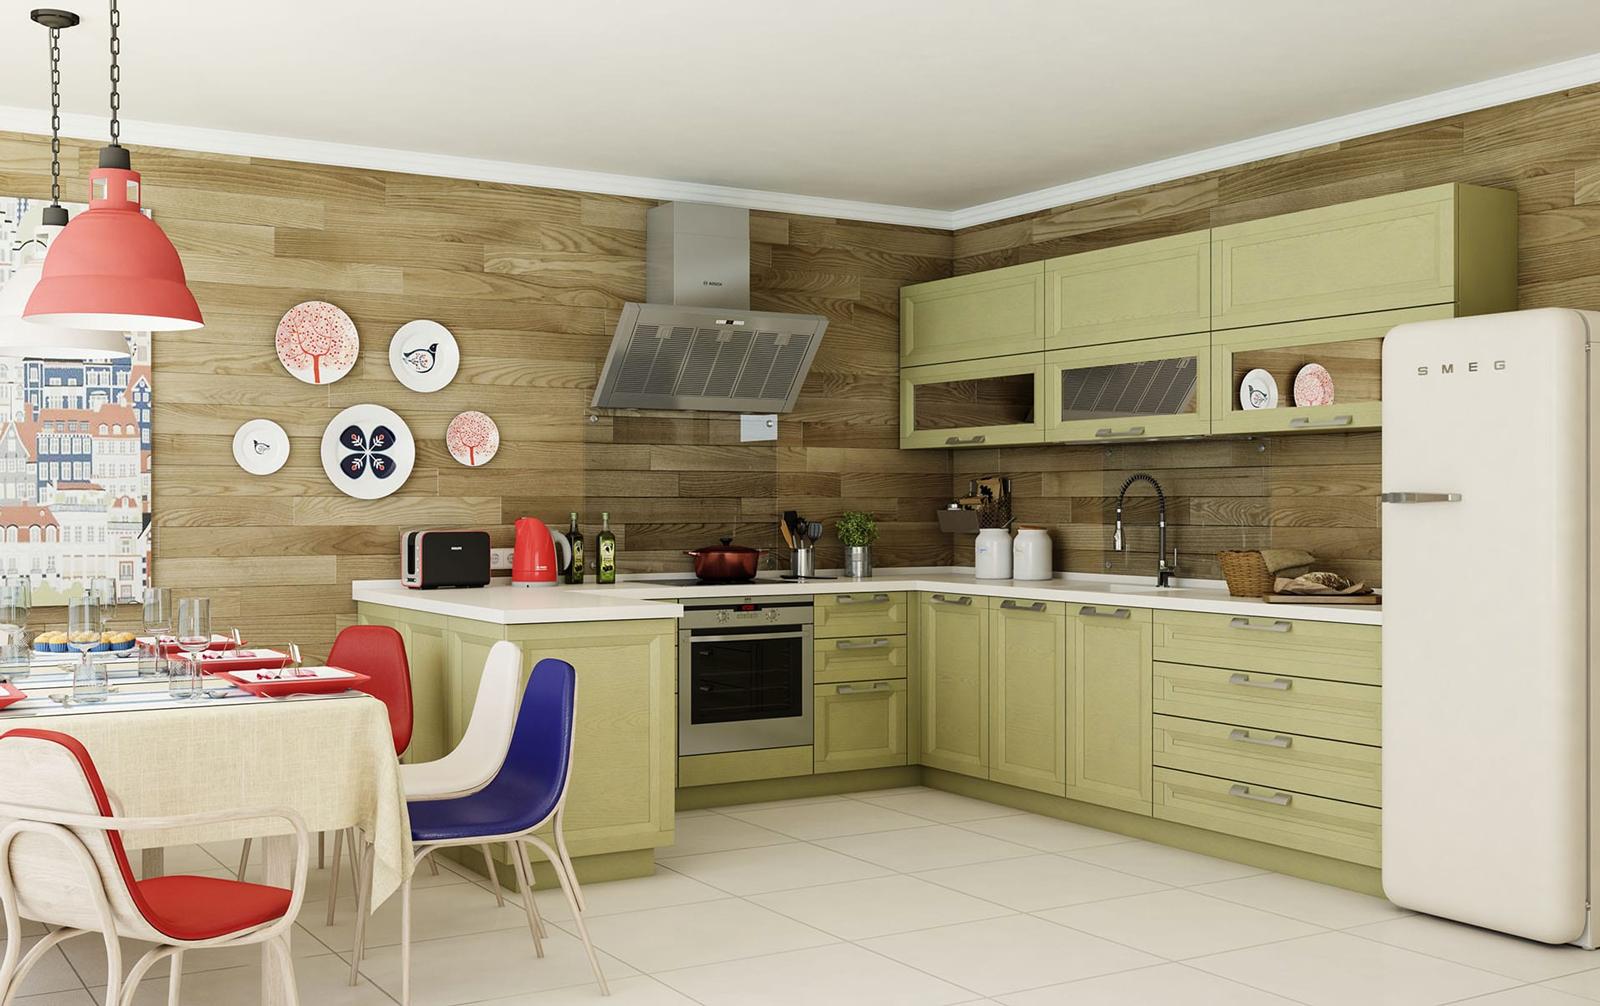 llandhausküche modern küche eiche küchen landhausstil mediterran